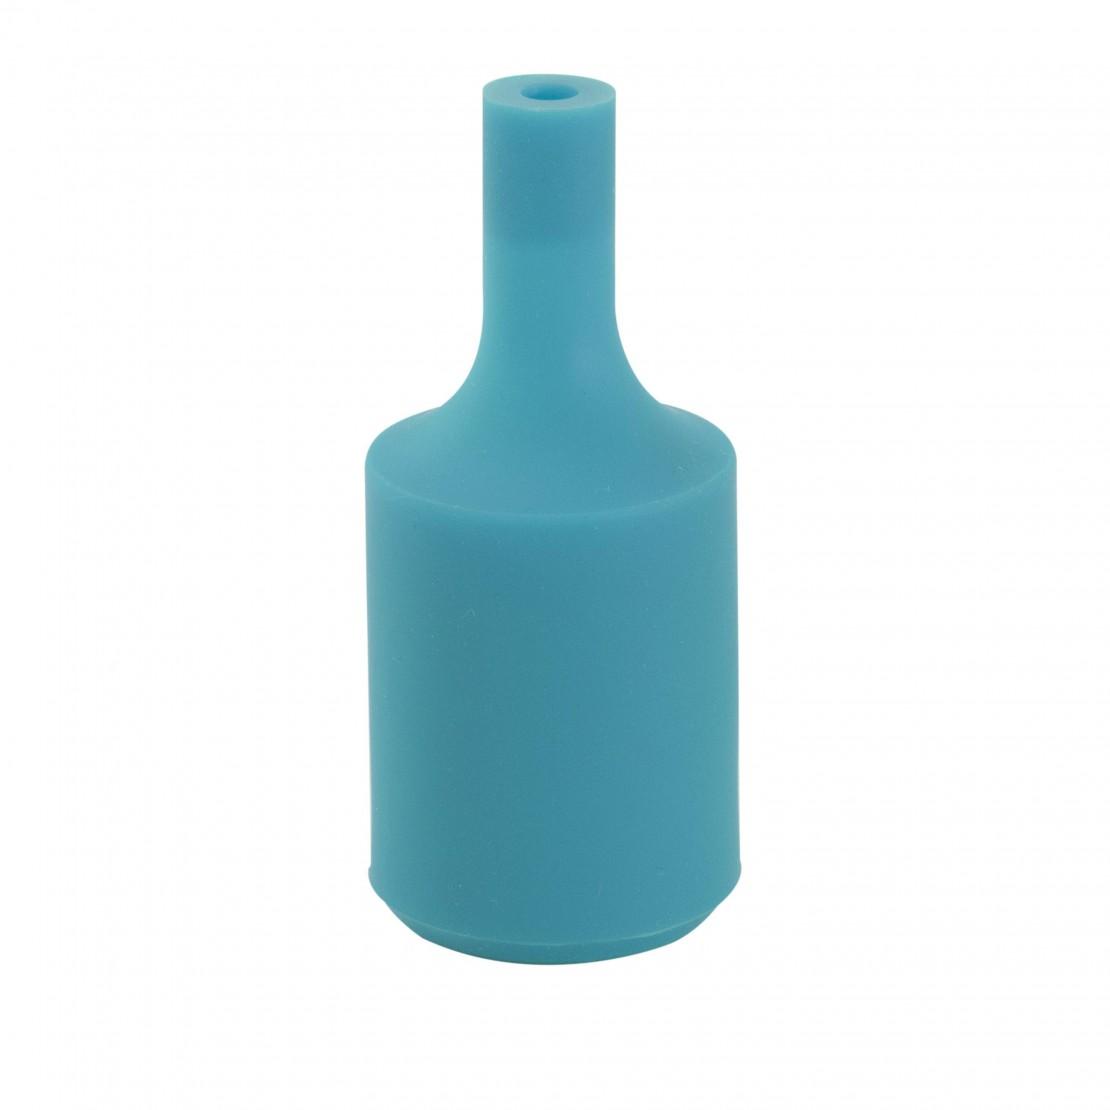 Portalamparas E27 silicona Pavo real azul